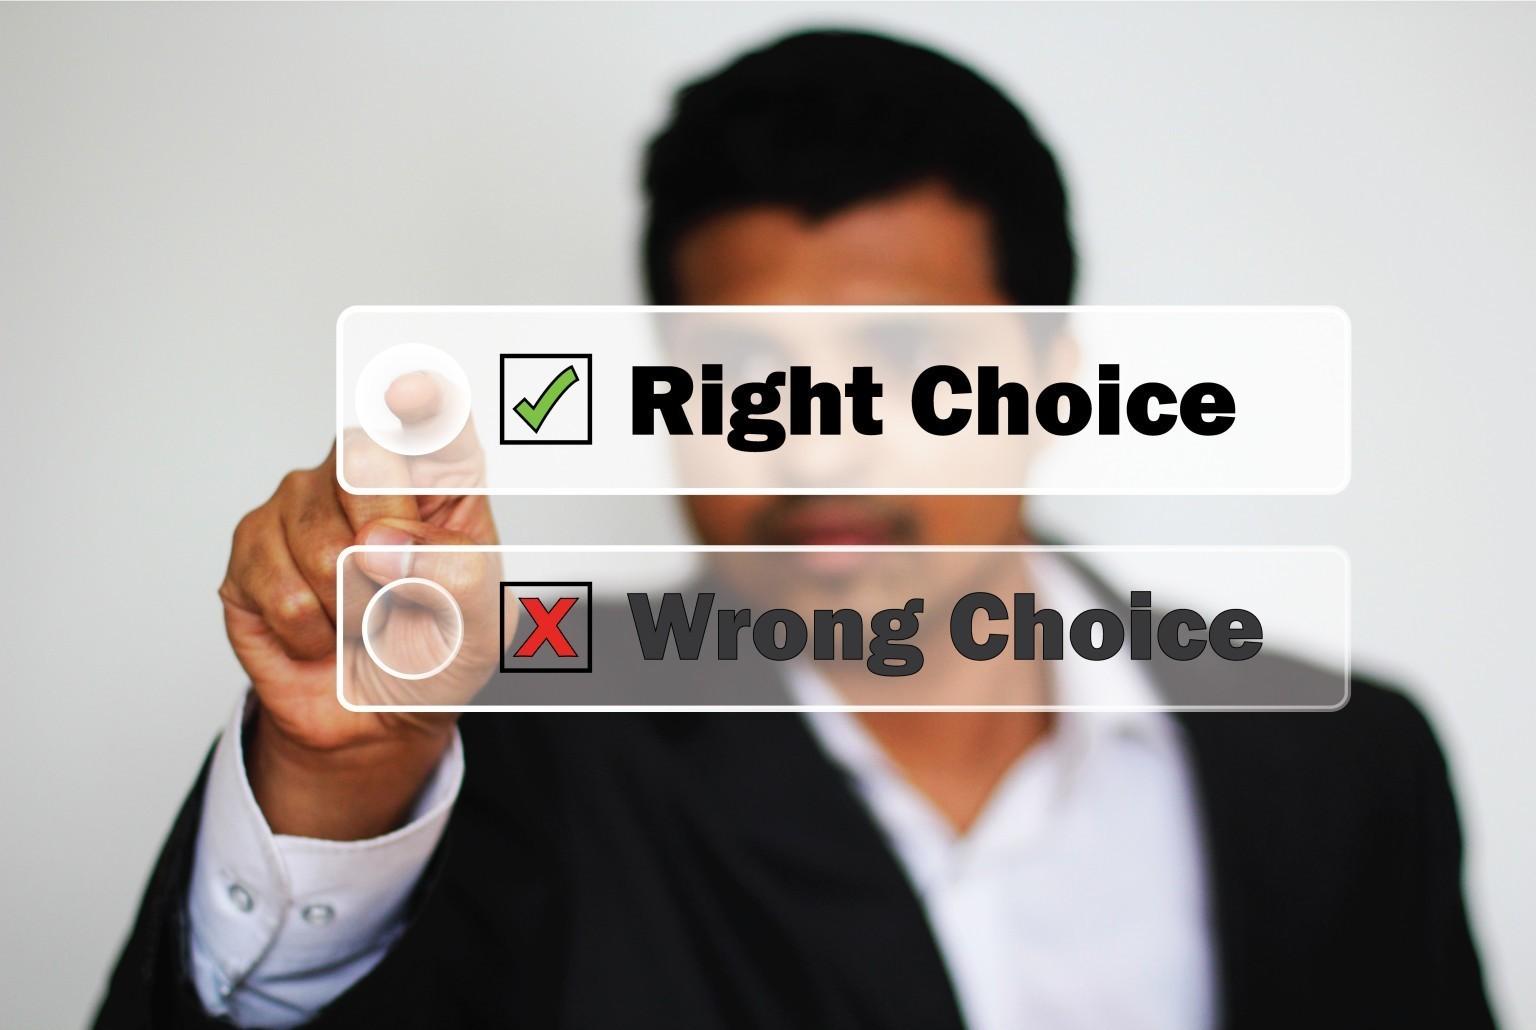 Prise de décision : La science peut-elle vous aider ?